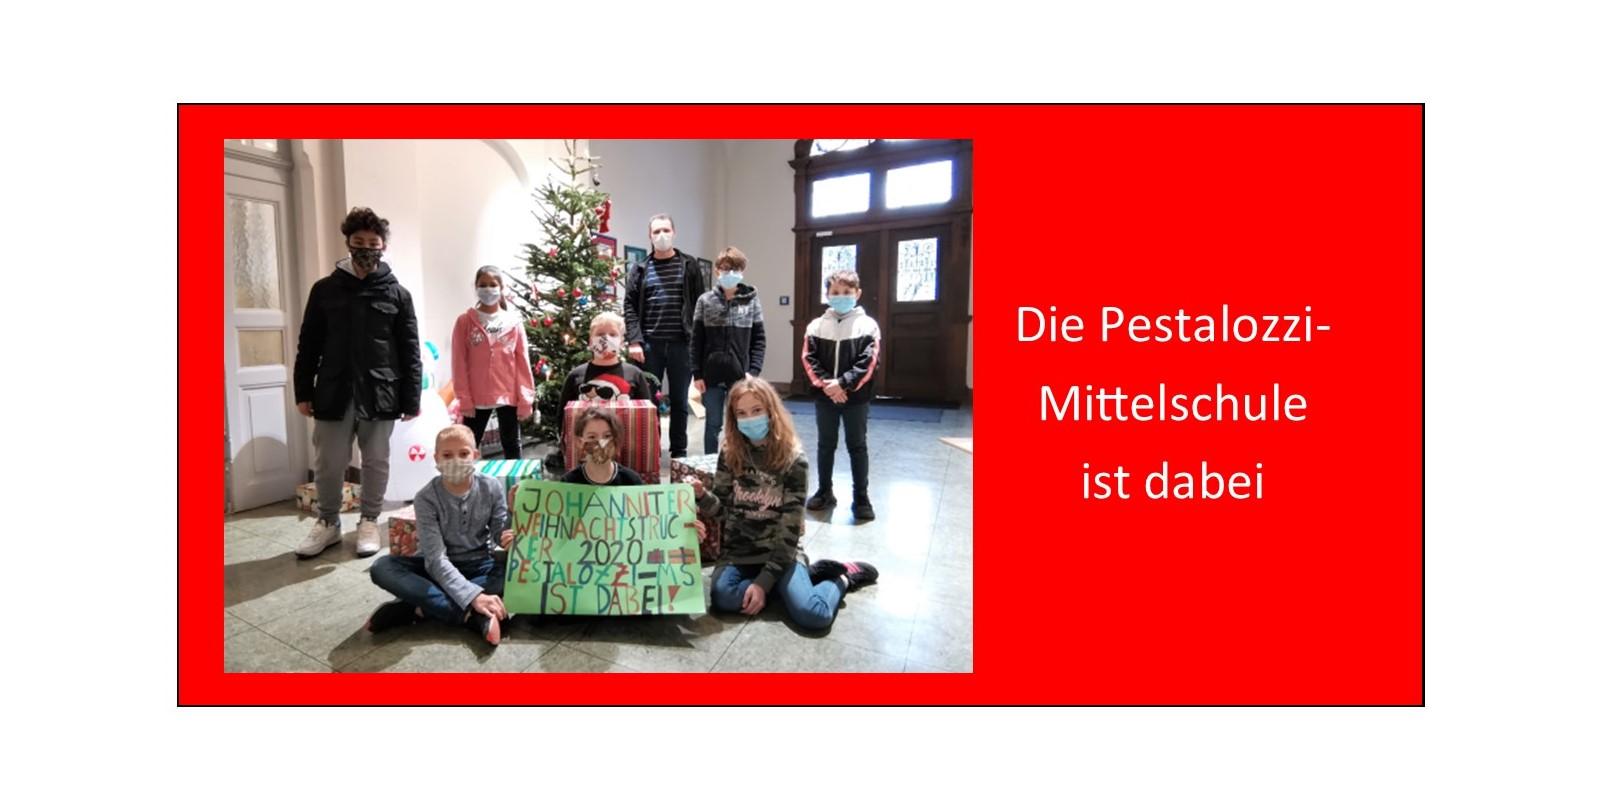 Johanniter-Weihnachtstrucker 2020